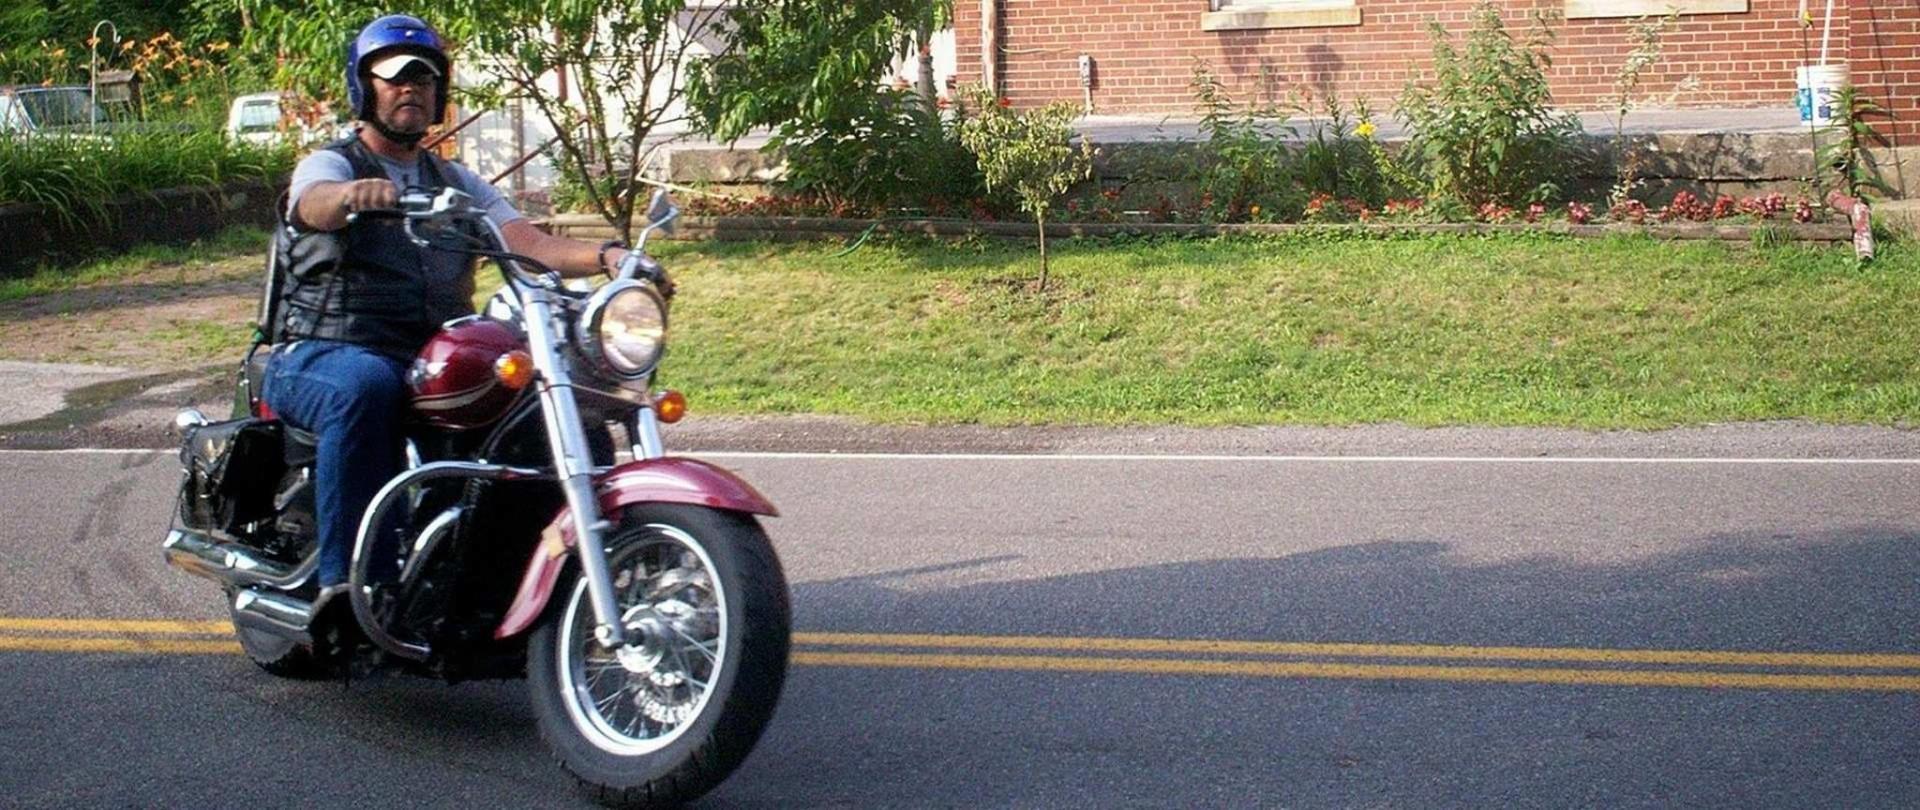 bikergerry.jpg.1920x810_0_556_10000.jpeg